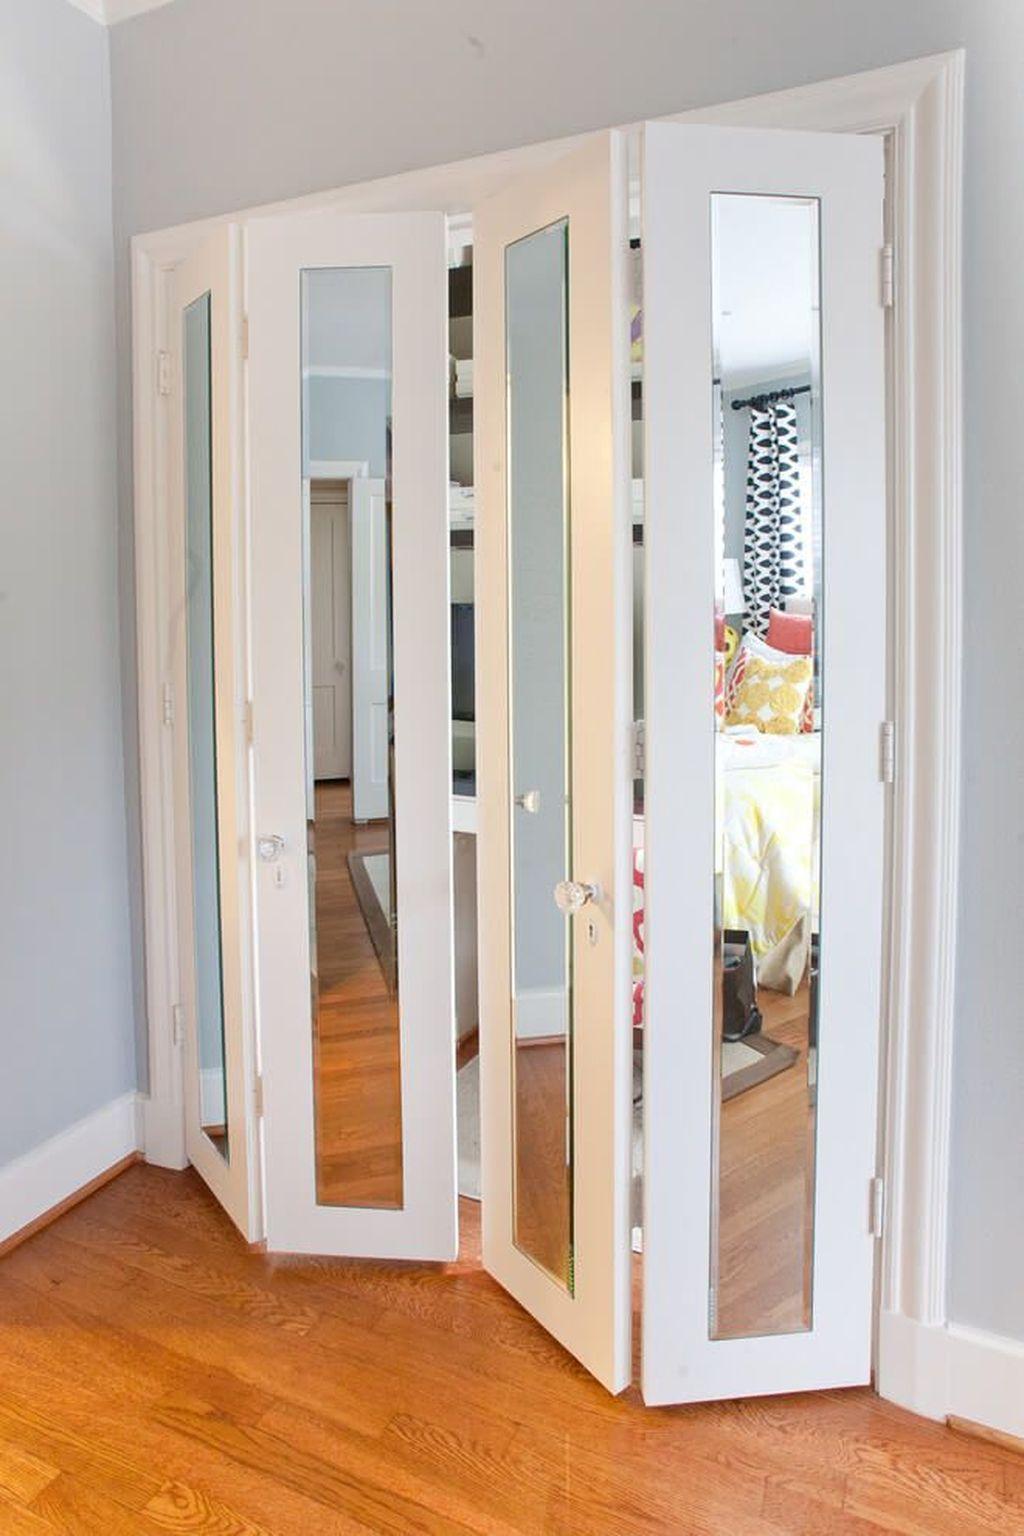 Exterior Doors With Glass Arch Door Timber Sliding Doors Bedroom Closet Doors Bifold Closet Doors Mirror Closet Doors